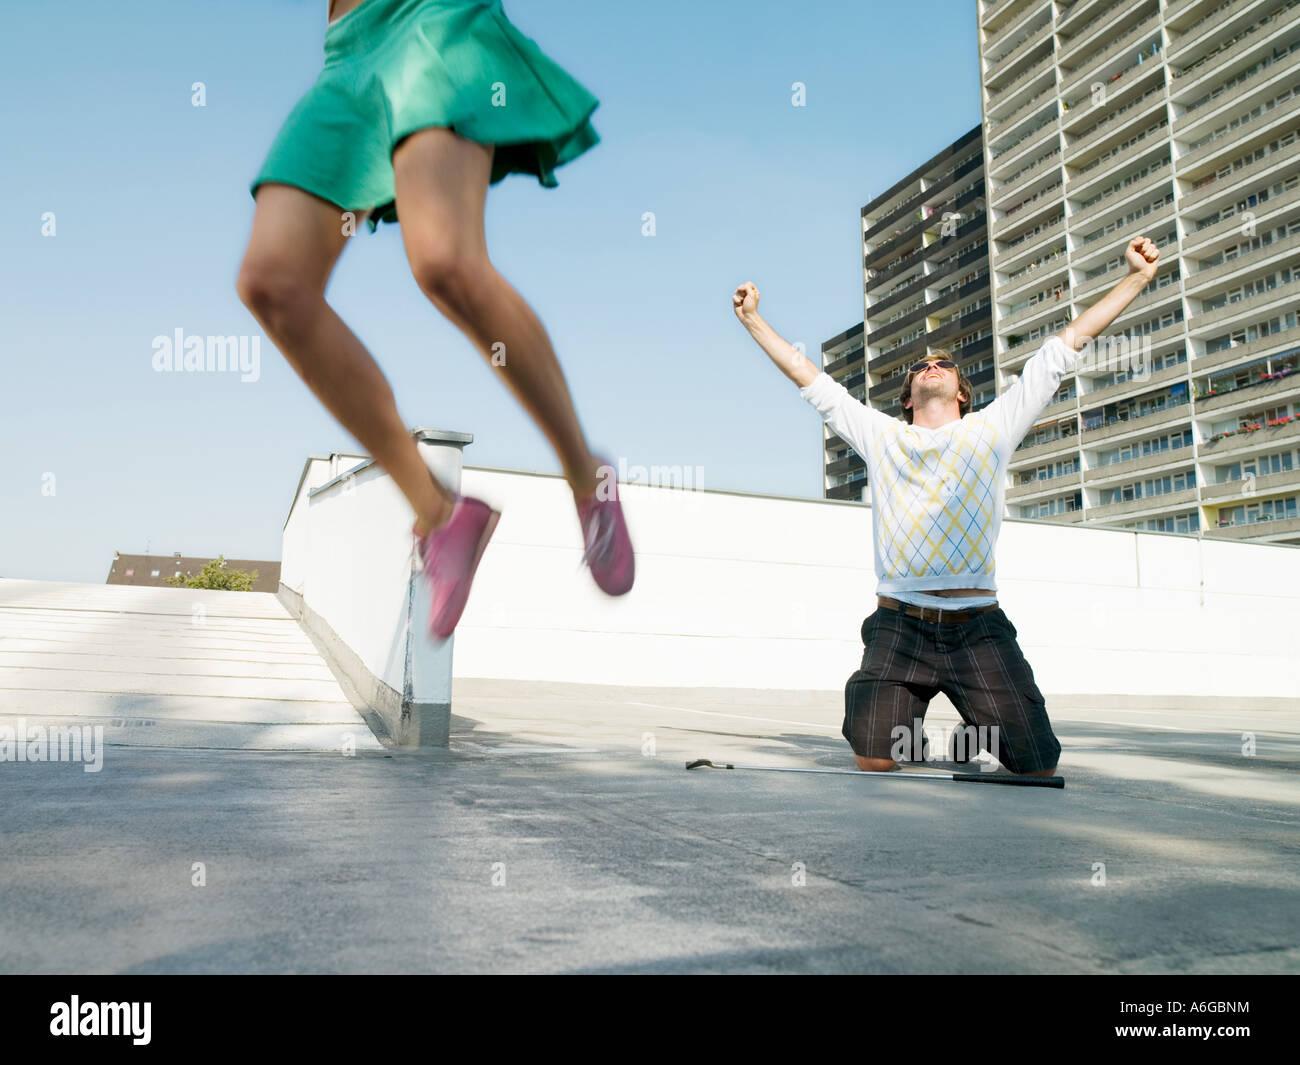 Joyful urban golfers - Stock Image